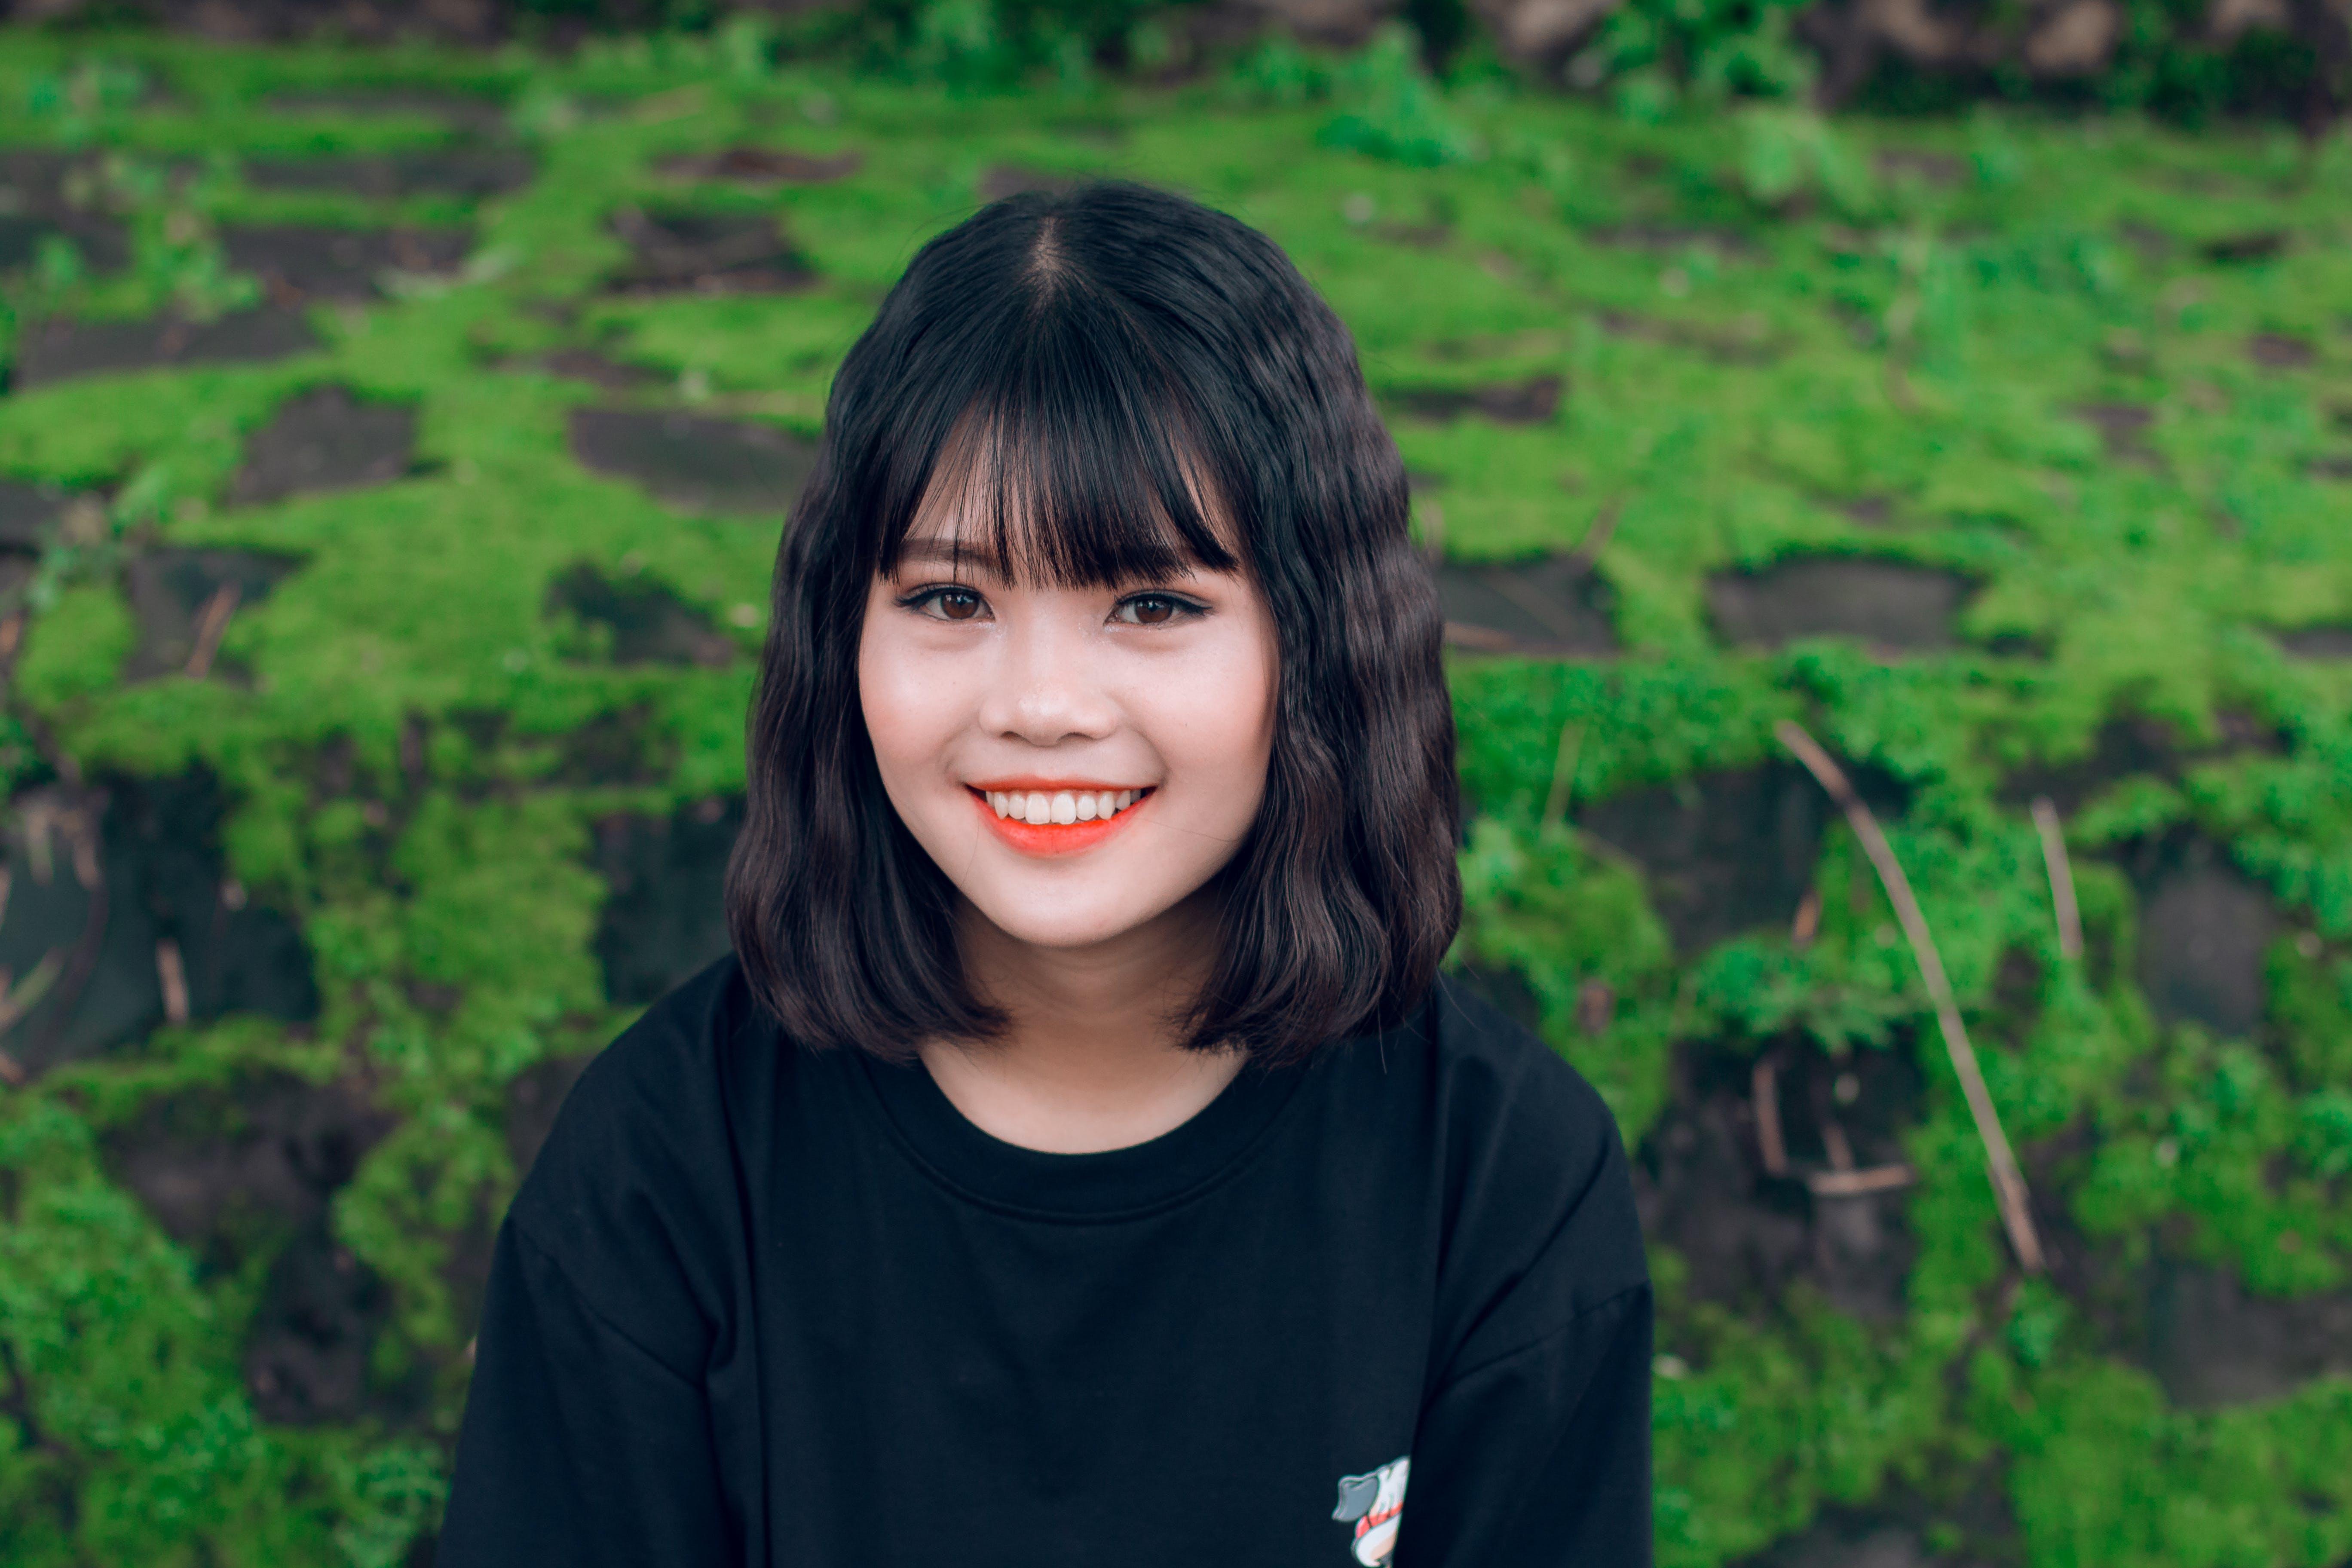 공원, 귀여운, 미소, 미소 짓는의 무료 스톡 사진